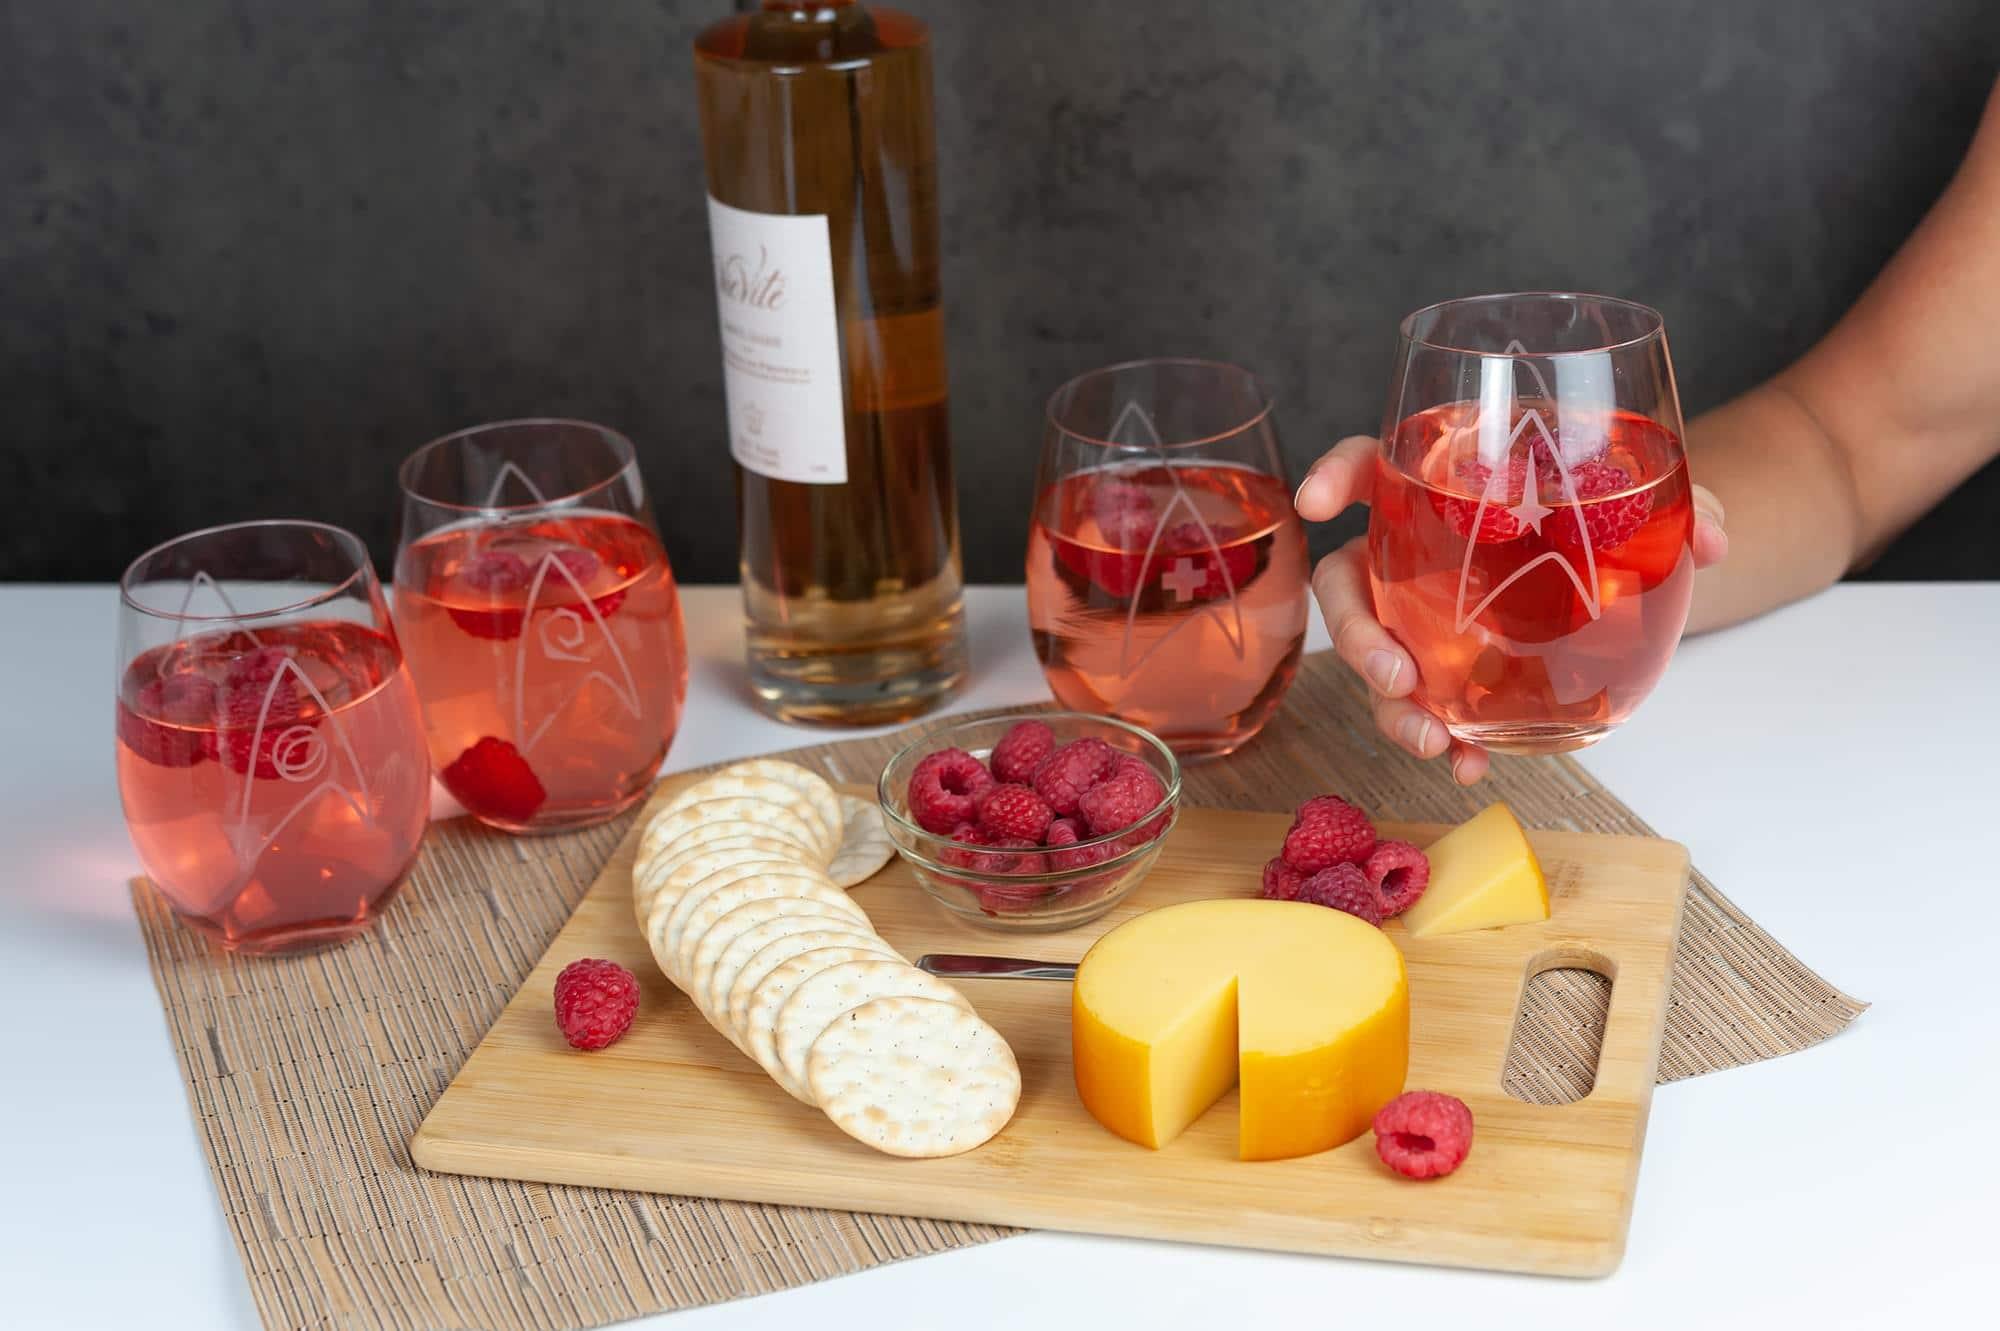 Star Trek wine glasses to make your binge-watching extra classy 18